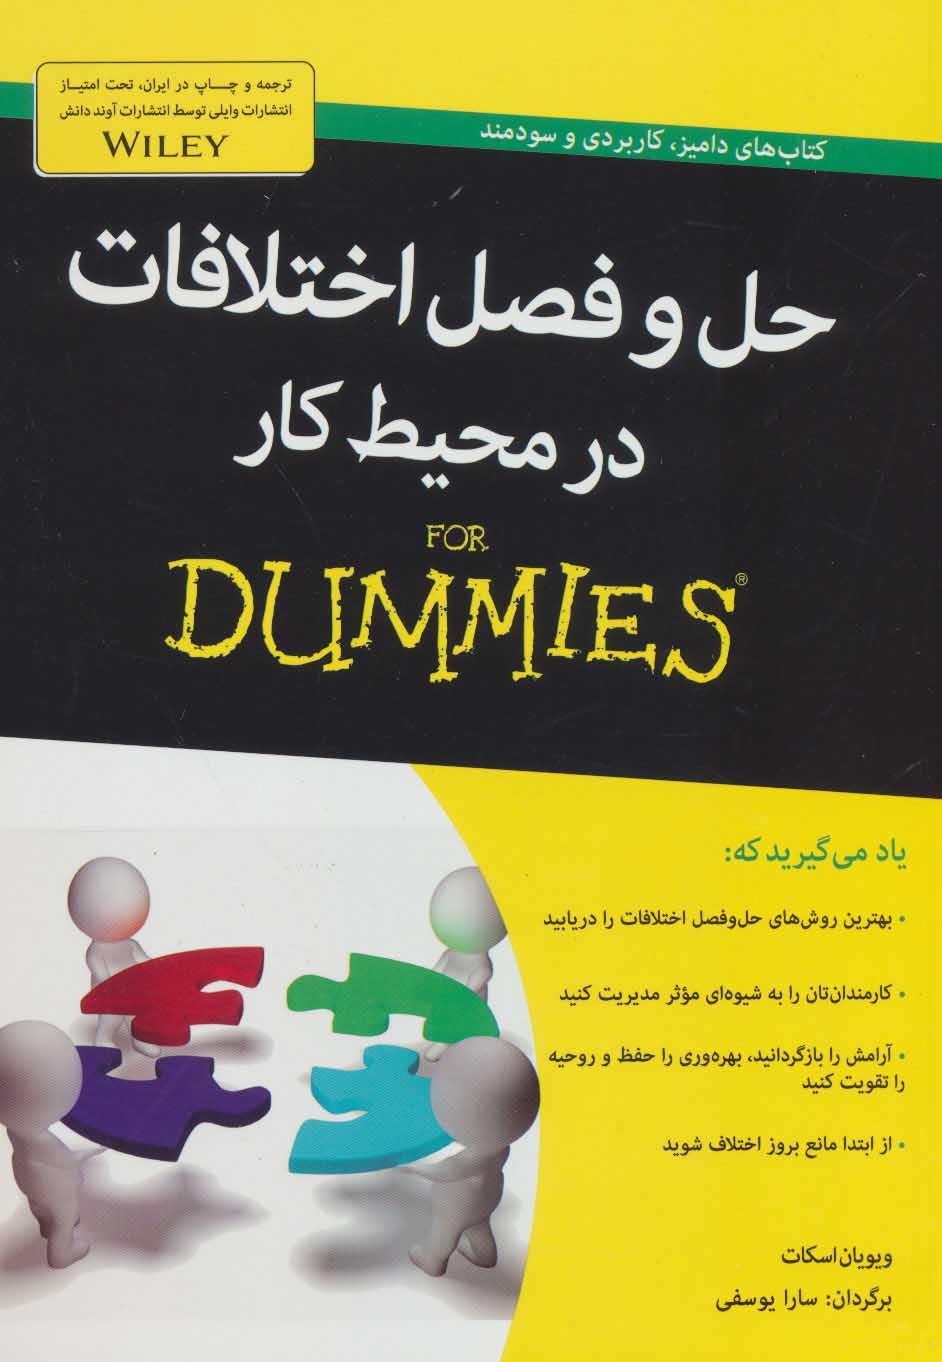 کتاب های دامیز (حل و فصل اختلافات در محیط کار)